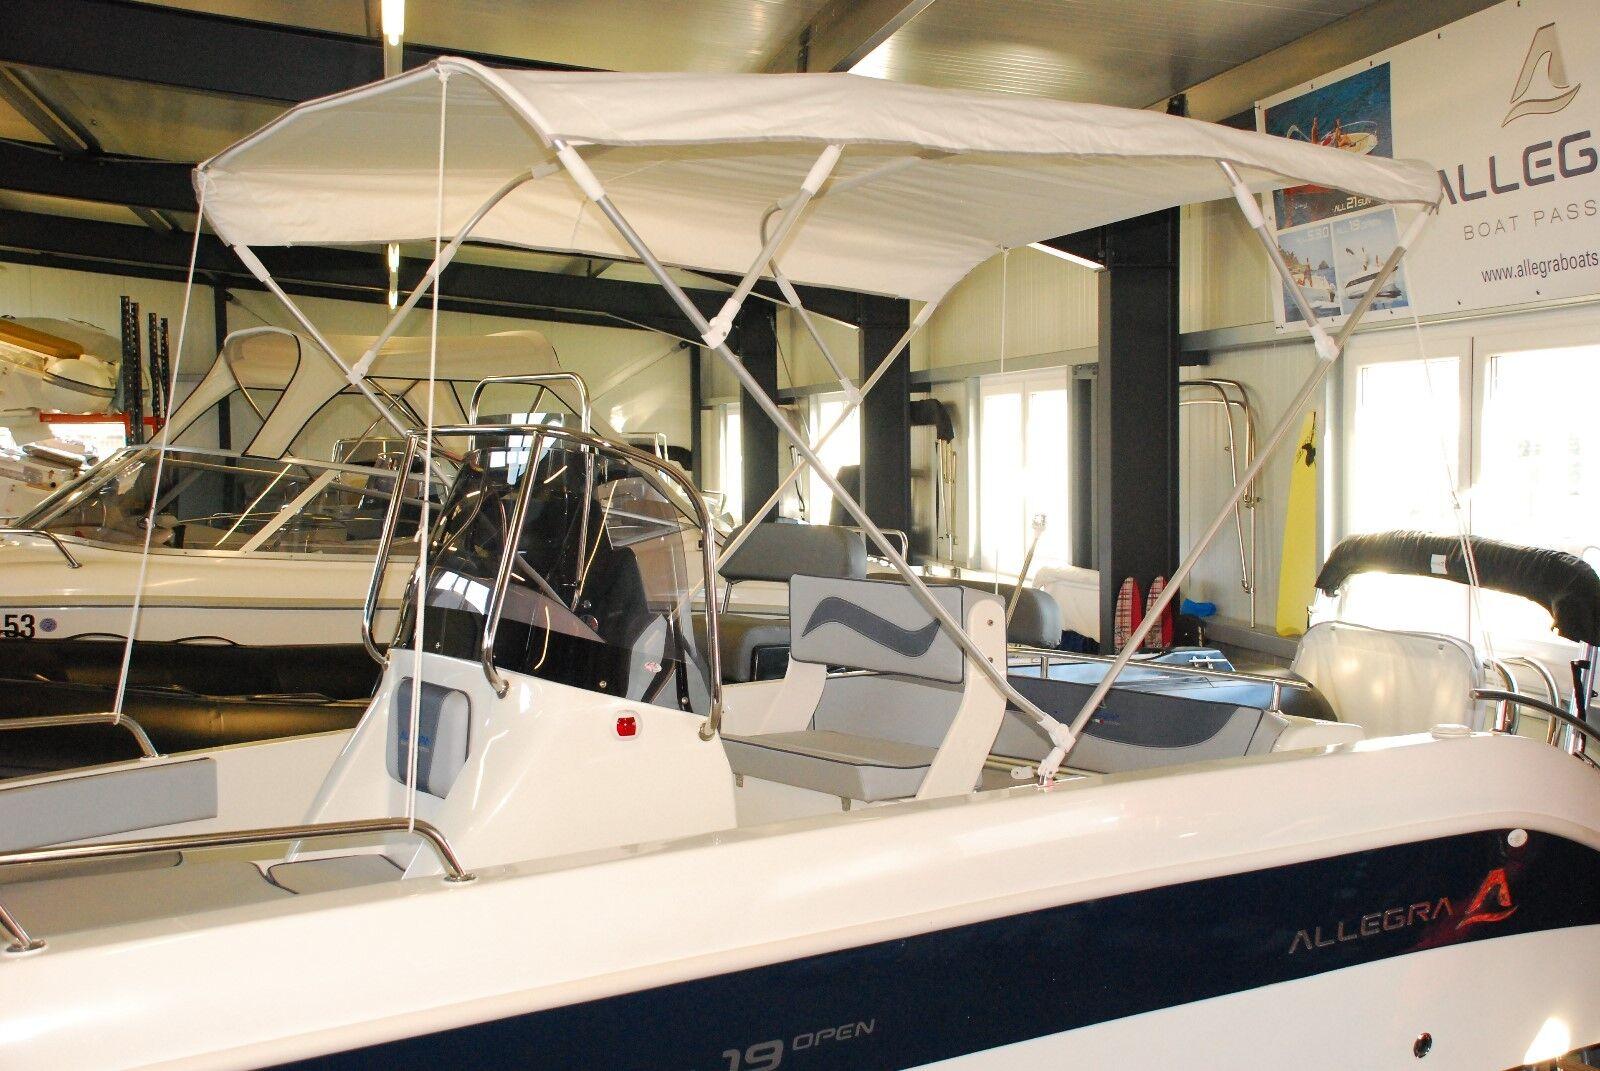 4 Light Stangen Bimini Top Light 4 180-190cm Breite 145cm Höhe d14575